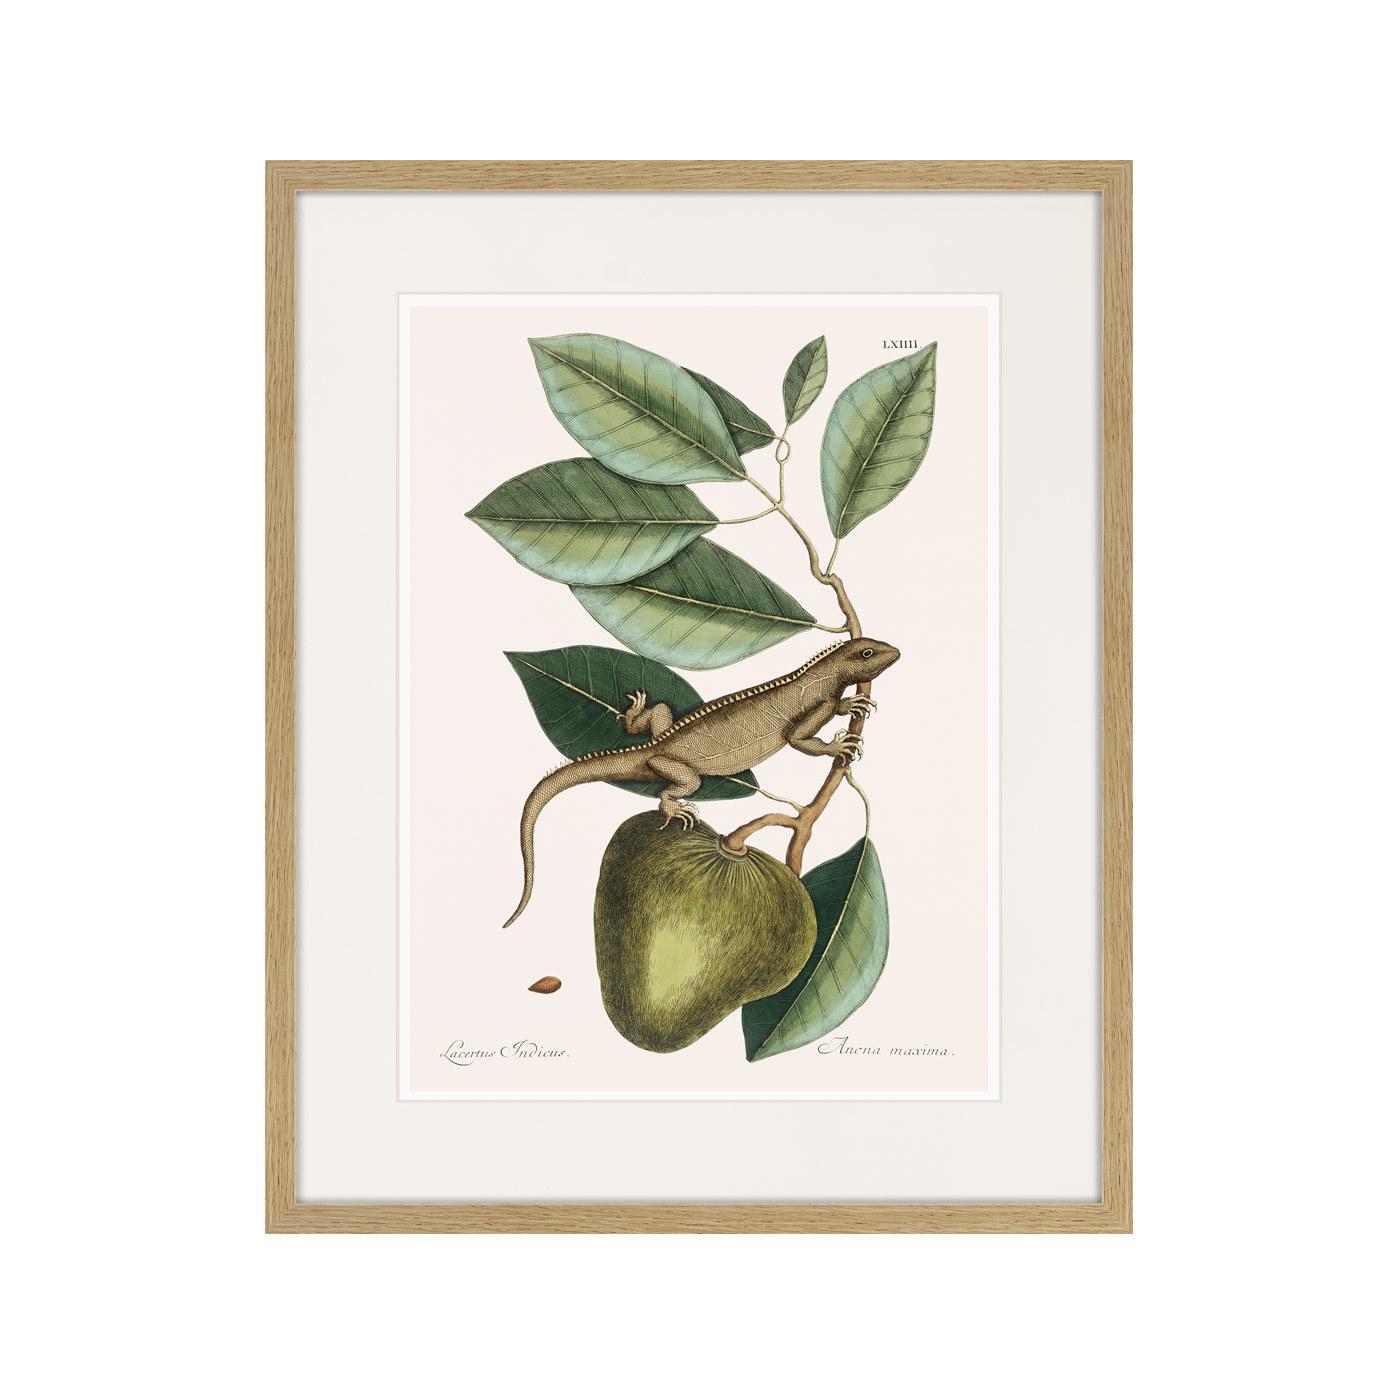 Guana (Lacertus Indicus), 1742г.